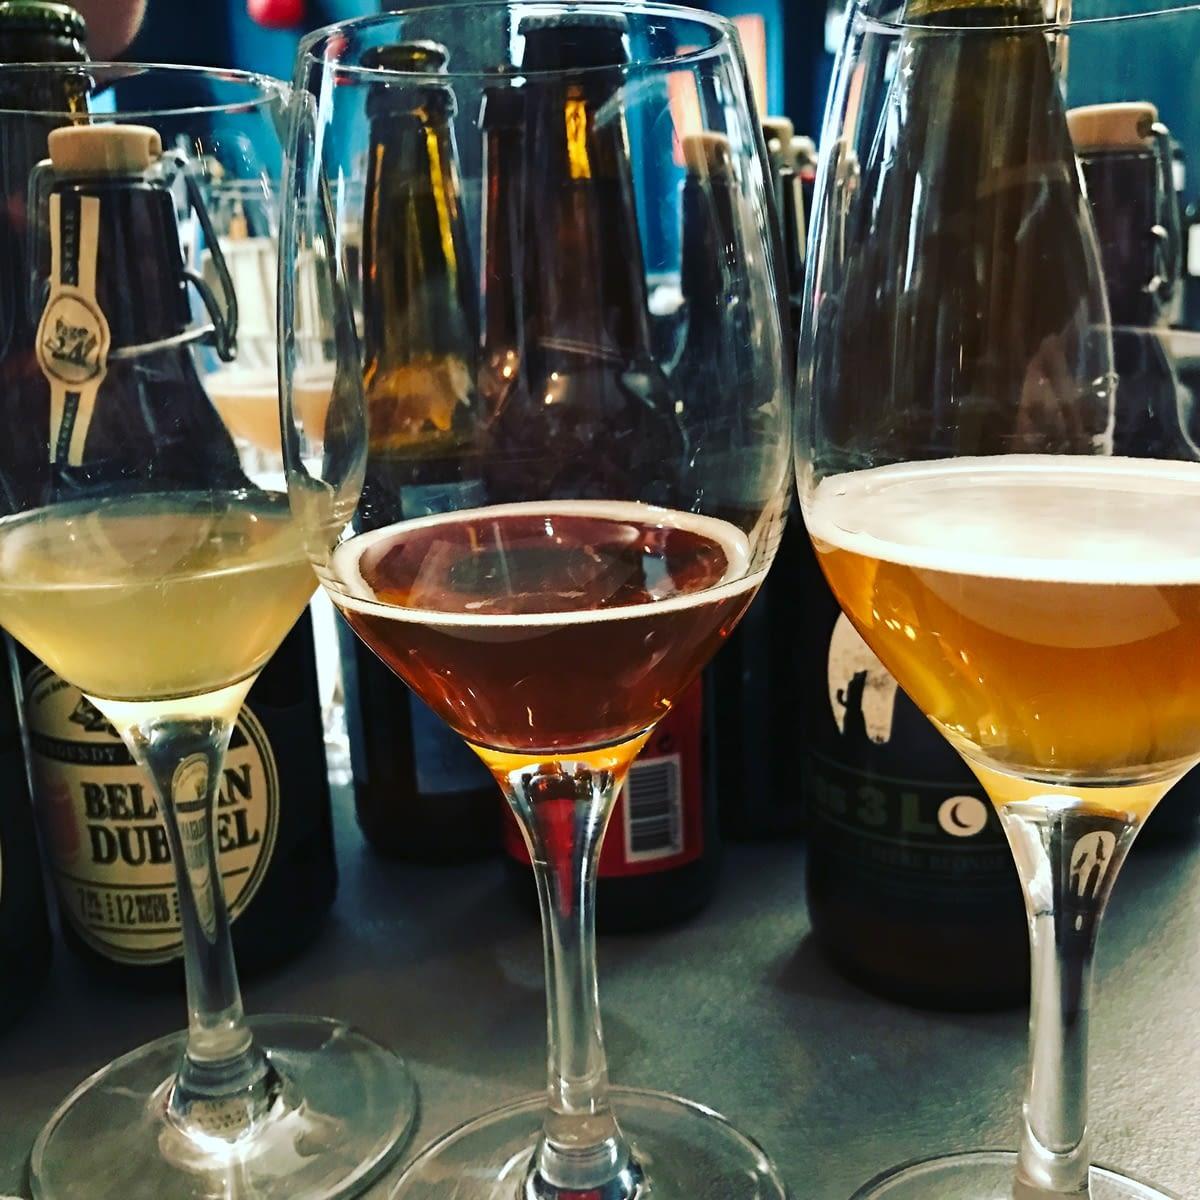 Les Bières artisanales sélectionnées par Elisabeth Pierre spécialement pour nous